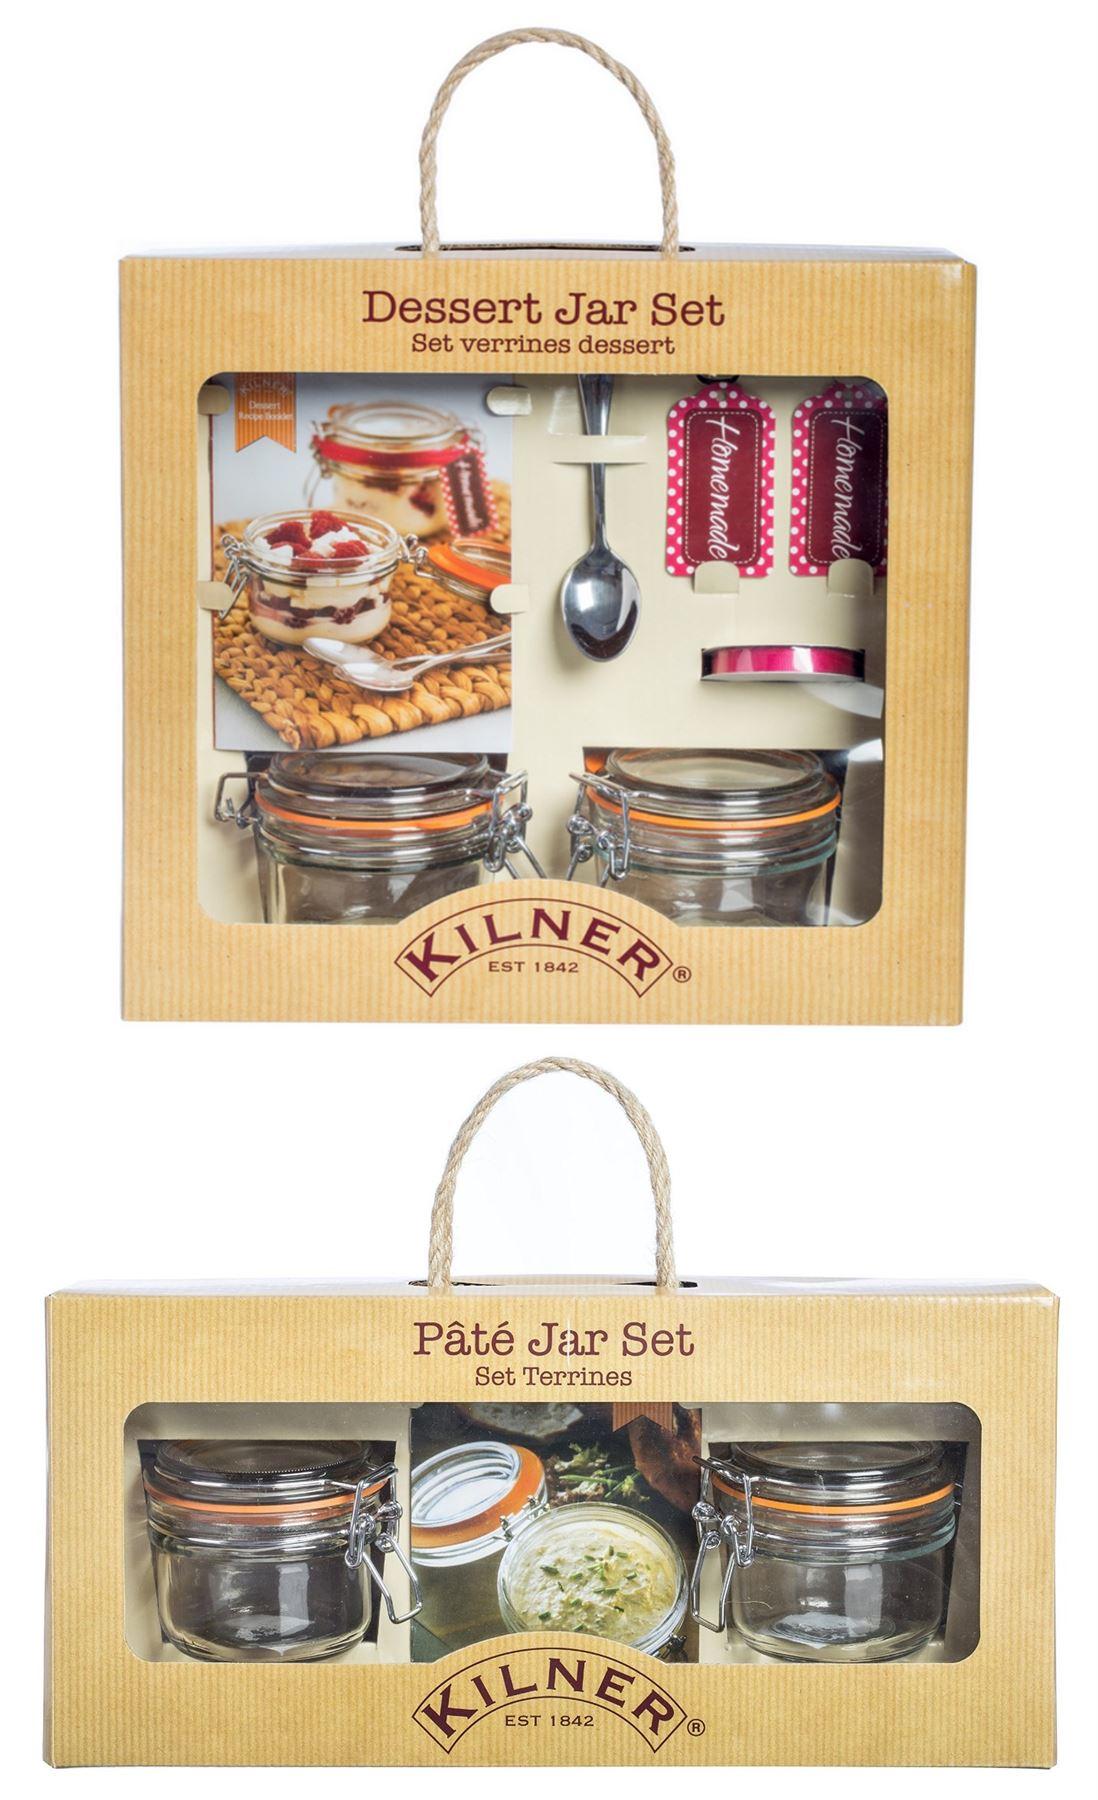 kilner verre dessert pot de confiture ensemble ou t u00eate bocal set cadeau